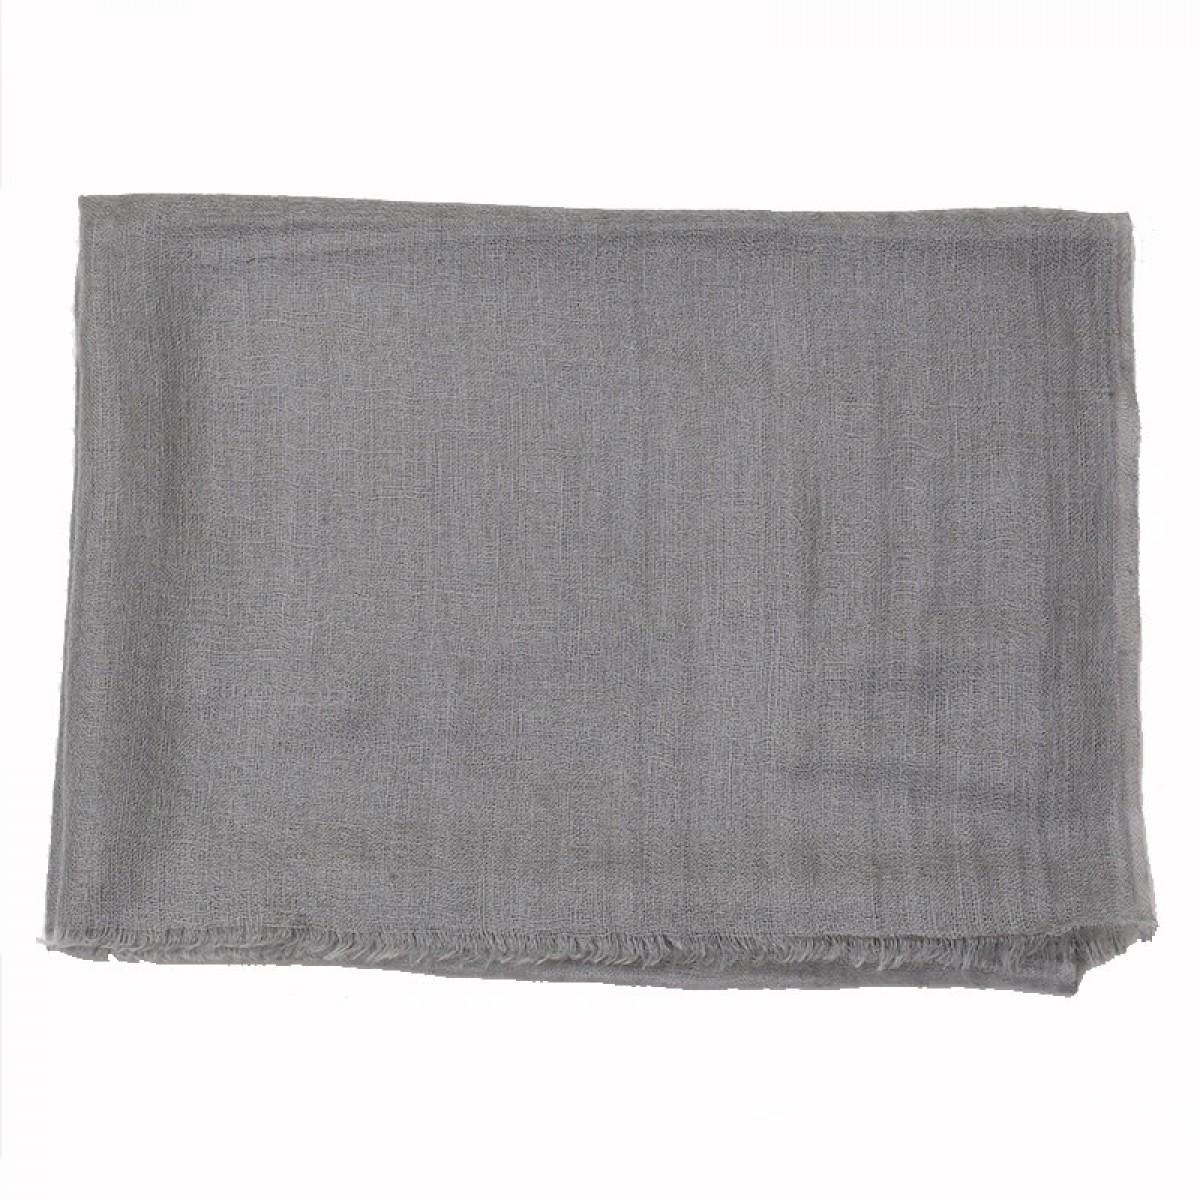 Gray sheer pashmina scarf